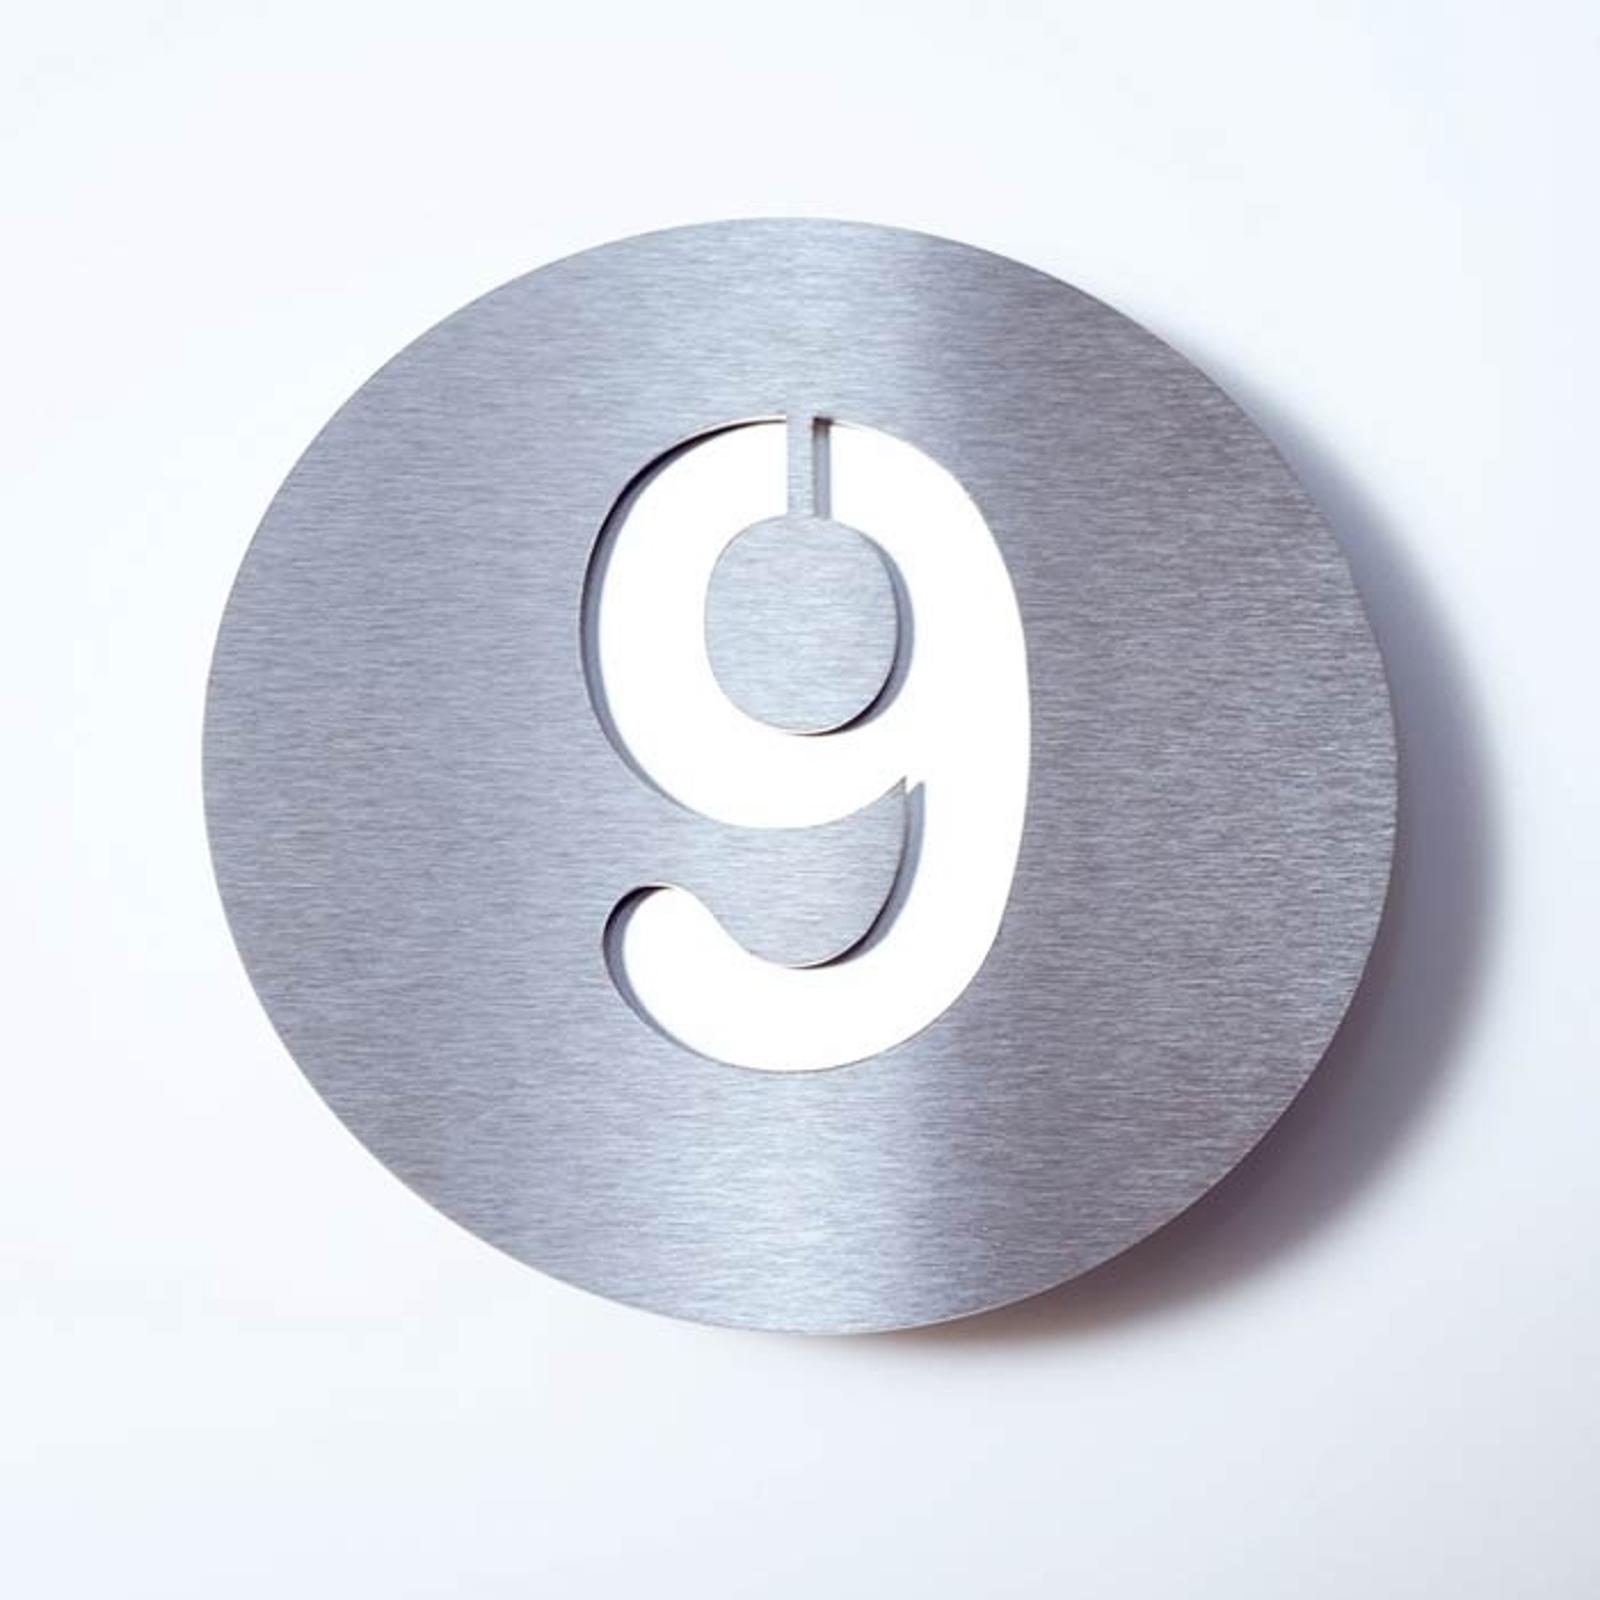 Número de casa Round de acero inoxidable - 9